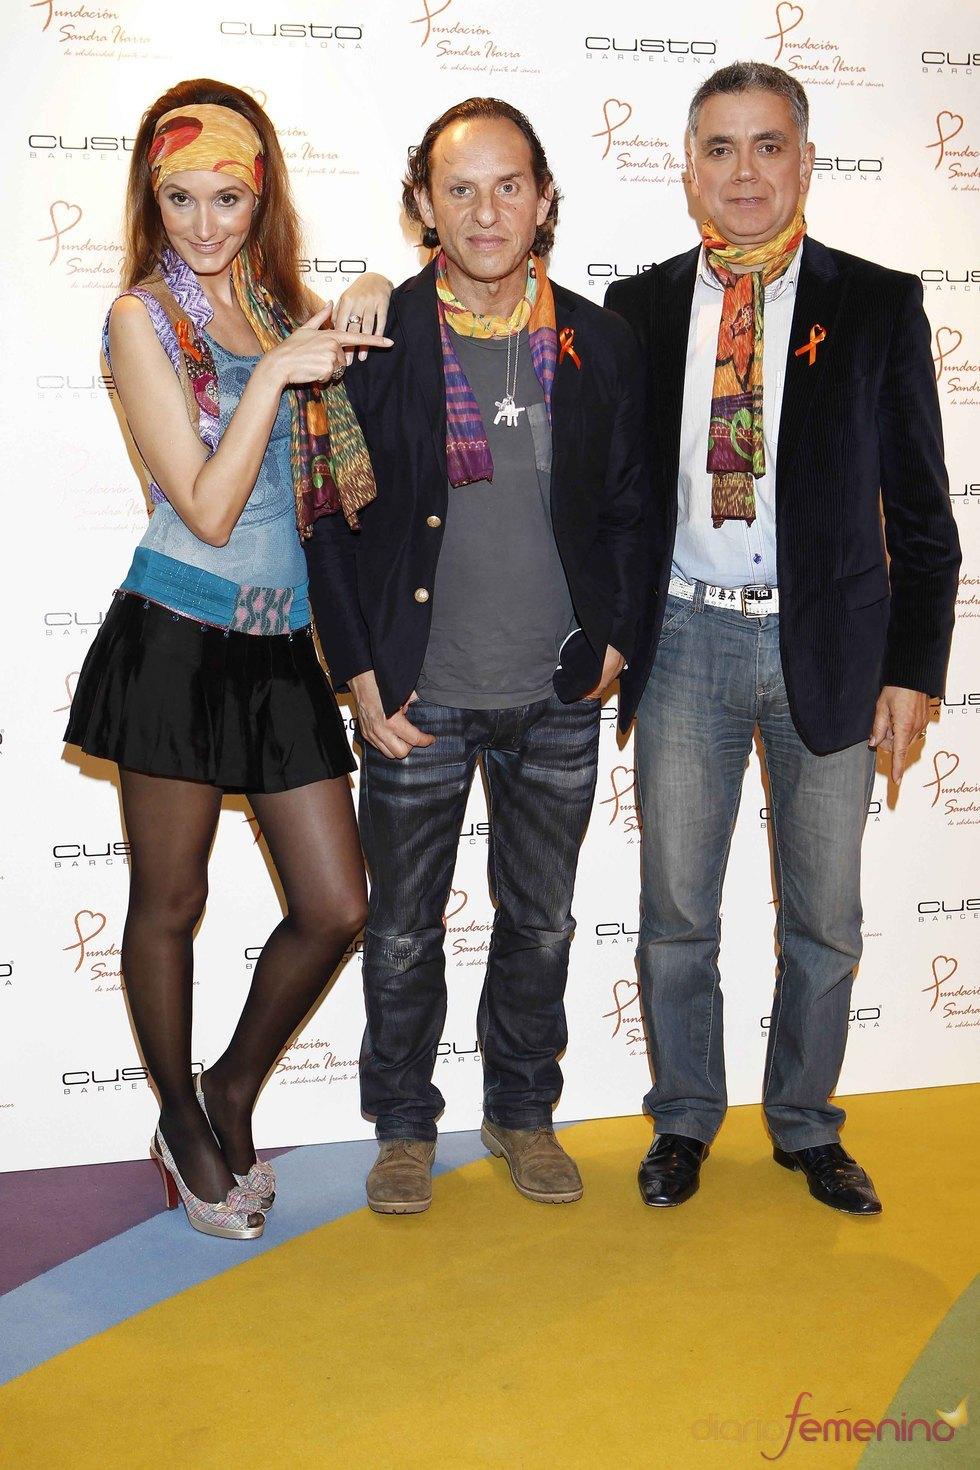 Sandra Ibarra, acompañada de Custo y Juan Ramón Lucas